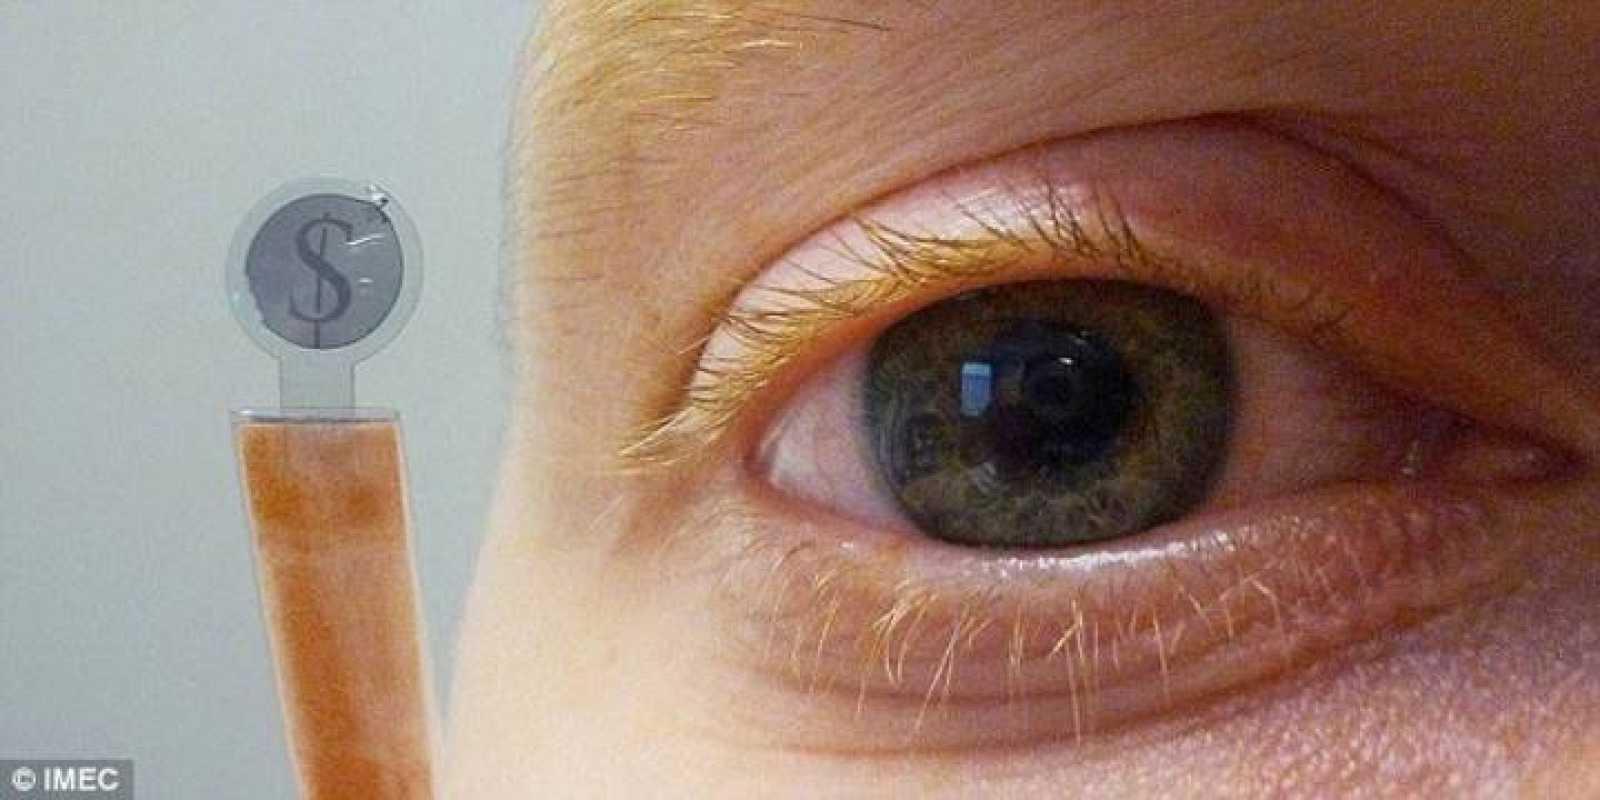 Estas lentillas  llevan incorporada una pantalla LCD de cristal líquido.